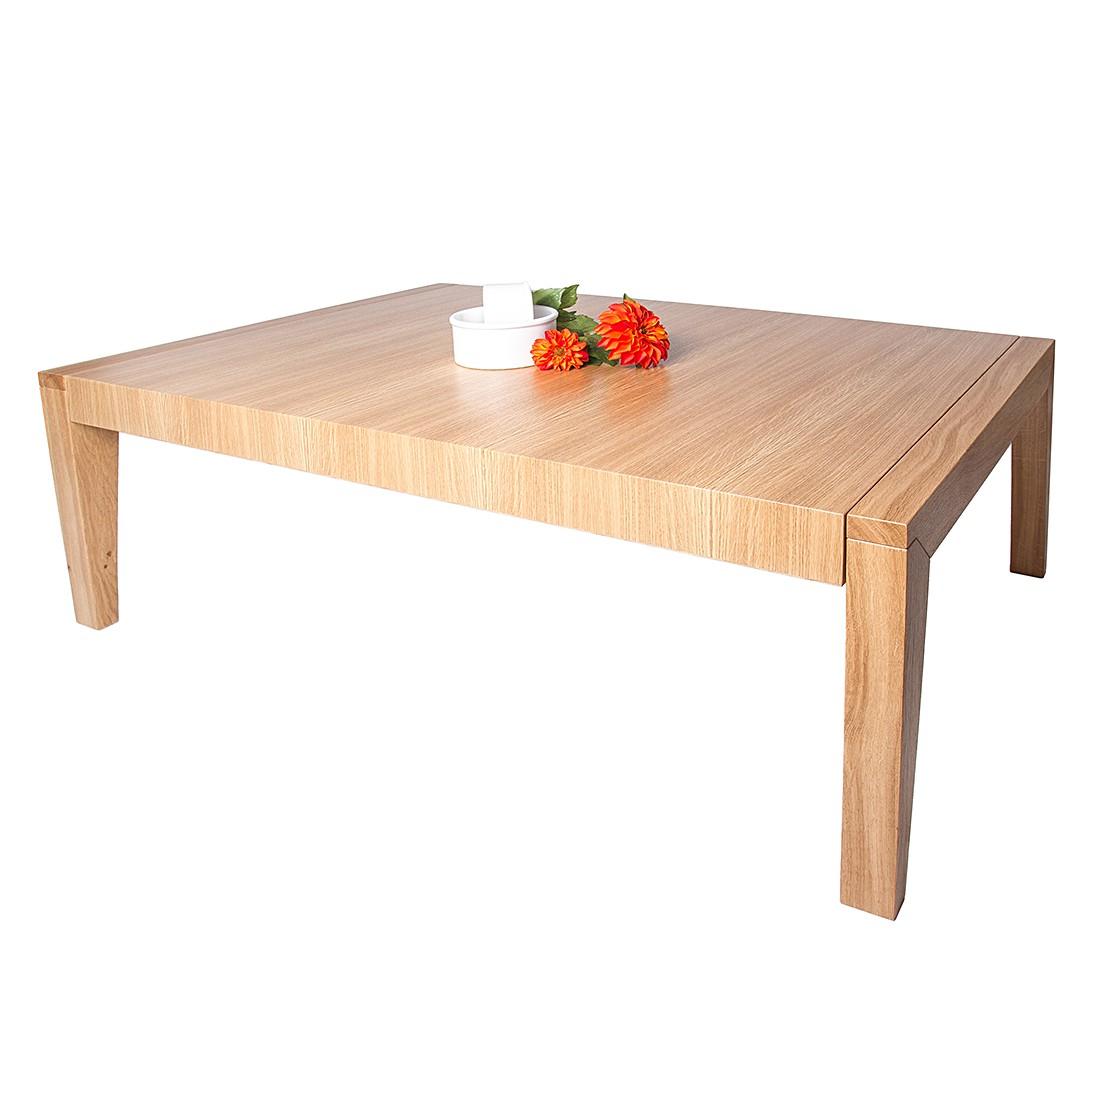 Table basse Pascal - Contreplaqué de chêne sauvage / Partiellement massif - Naturel sans rallonge, P